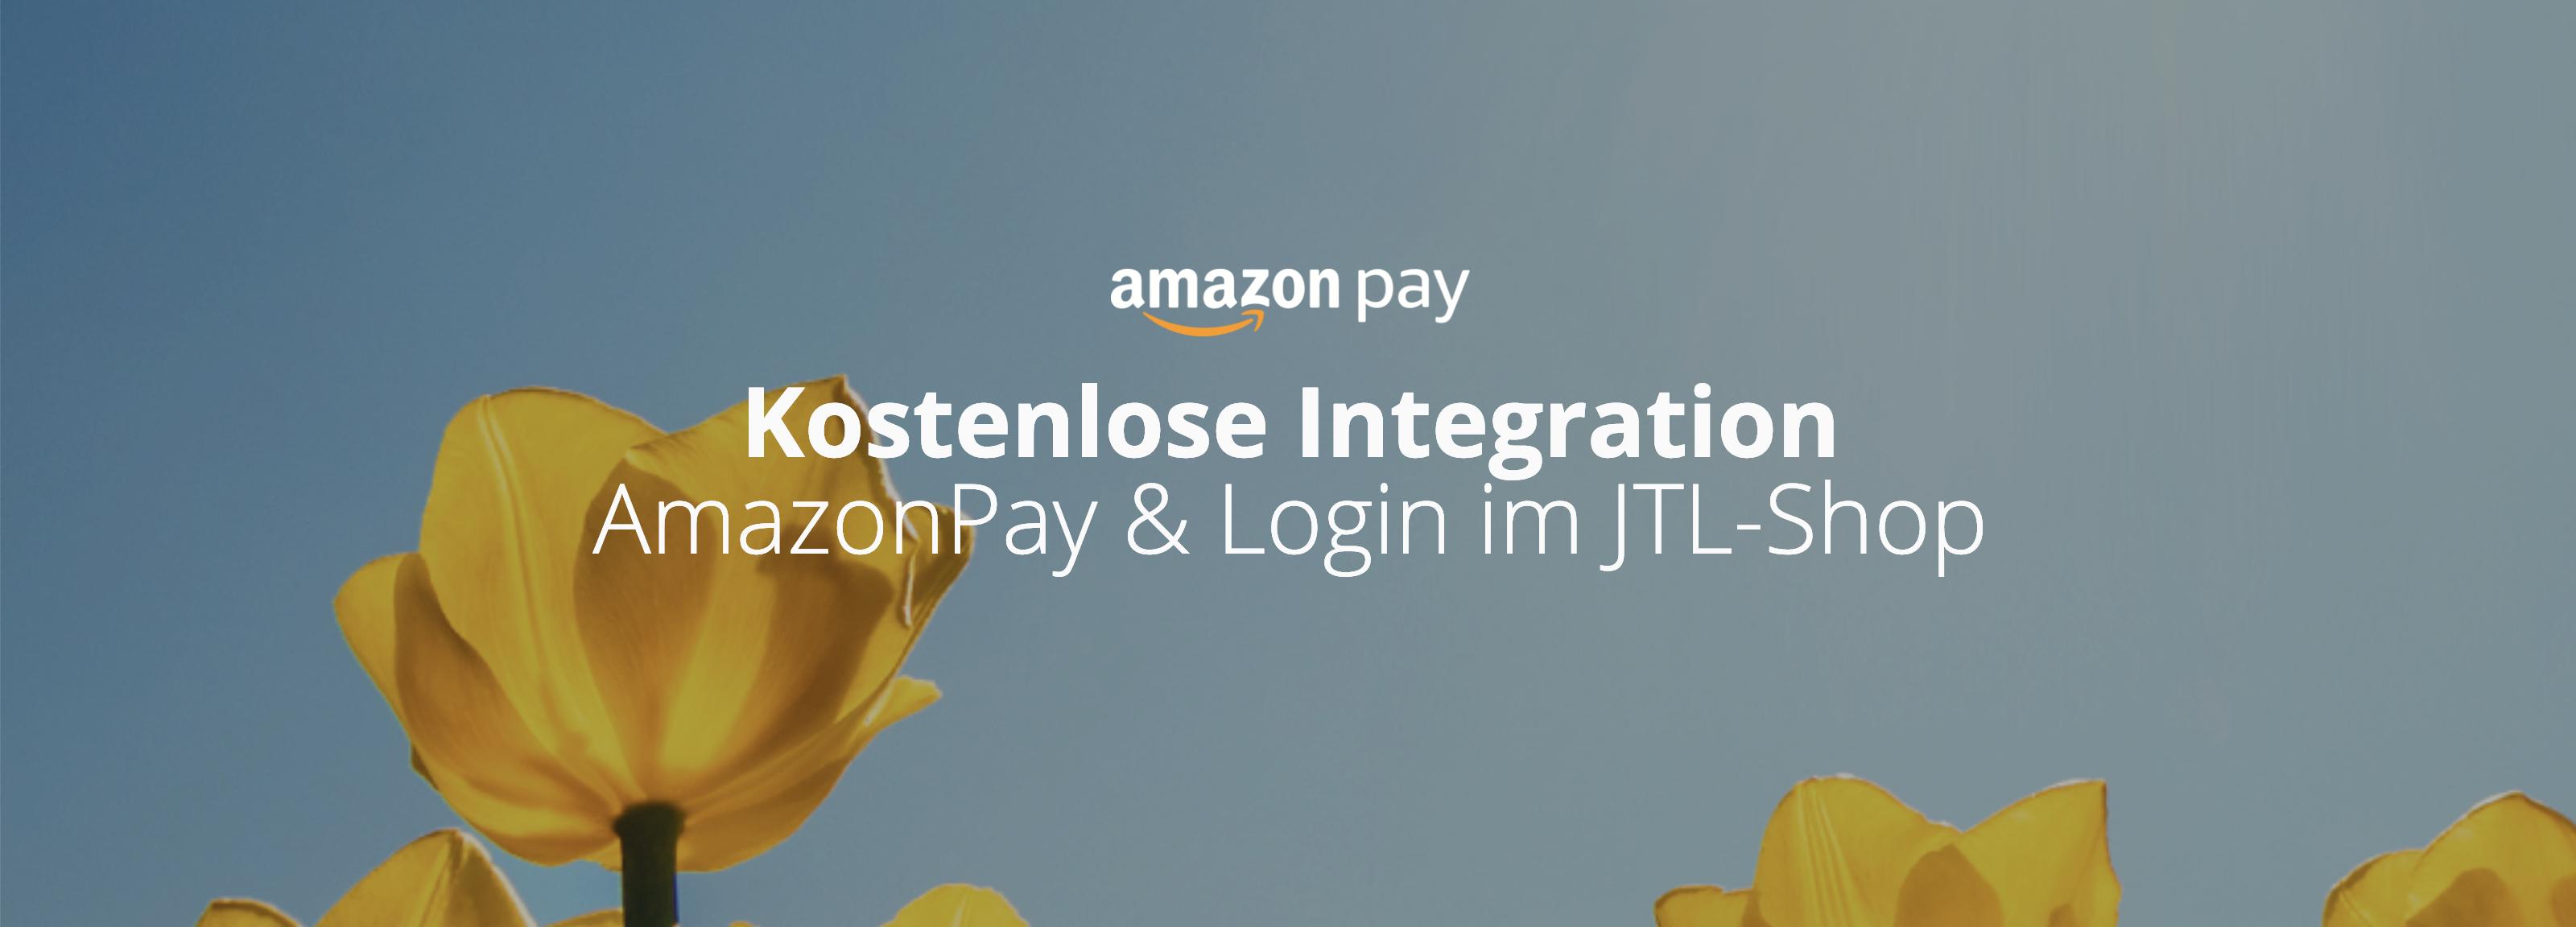 Steigern Sie Ihren Umsatz mit Amazon Pay und JTL-Shop